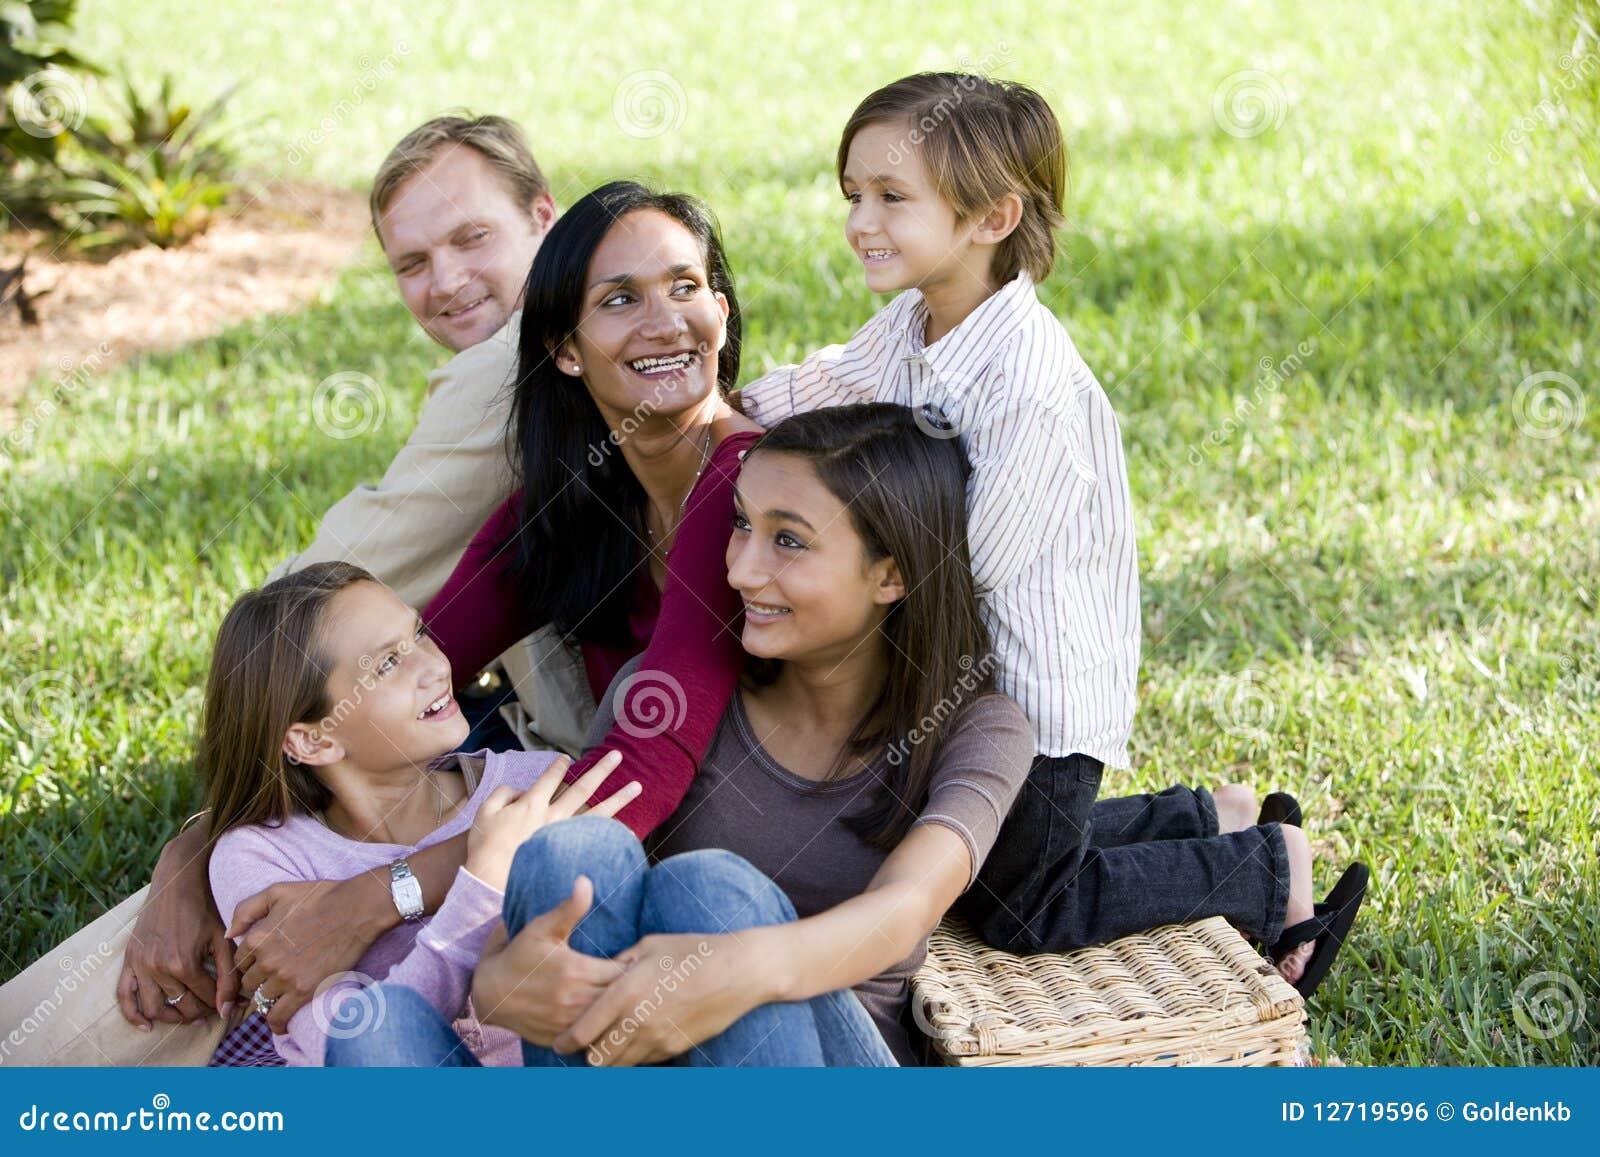 Glückliche zwischen verschiedenen Rassen Familie von fünf ein Picknick genießend